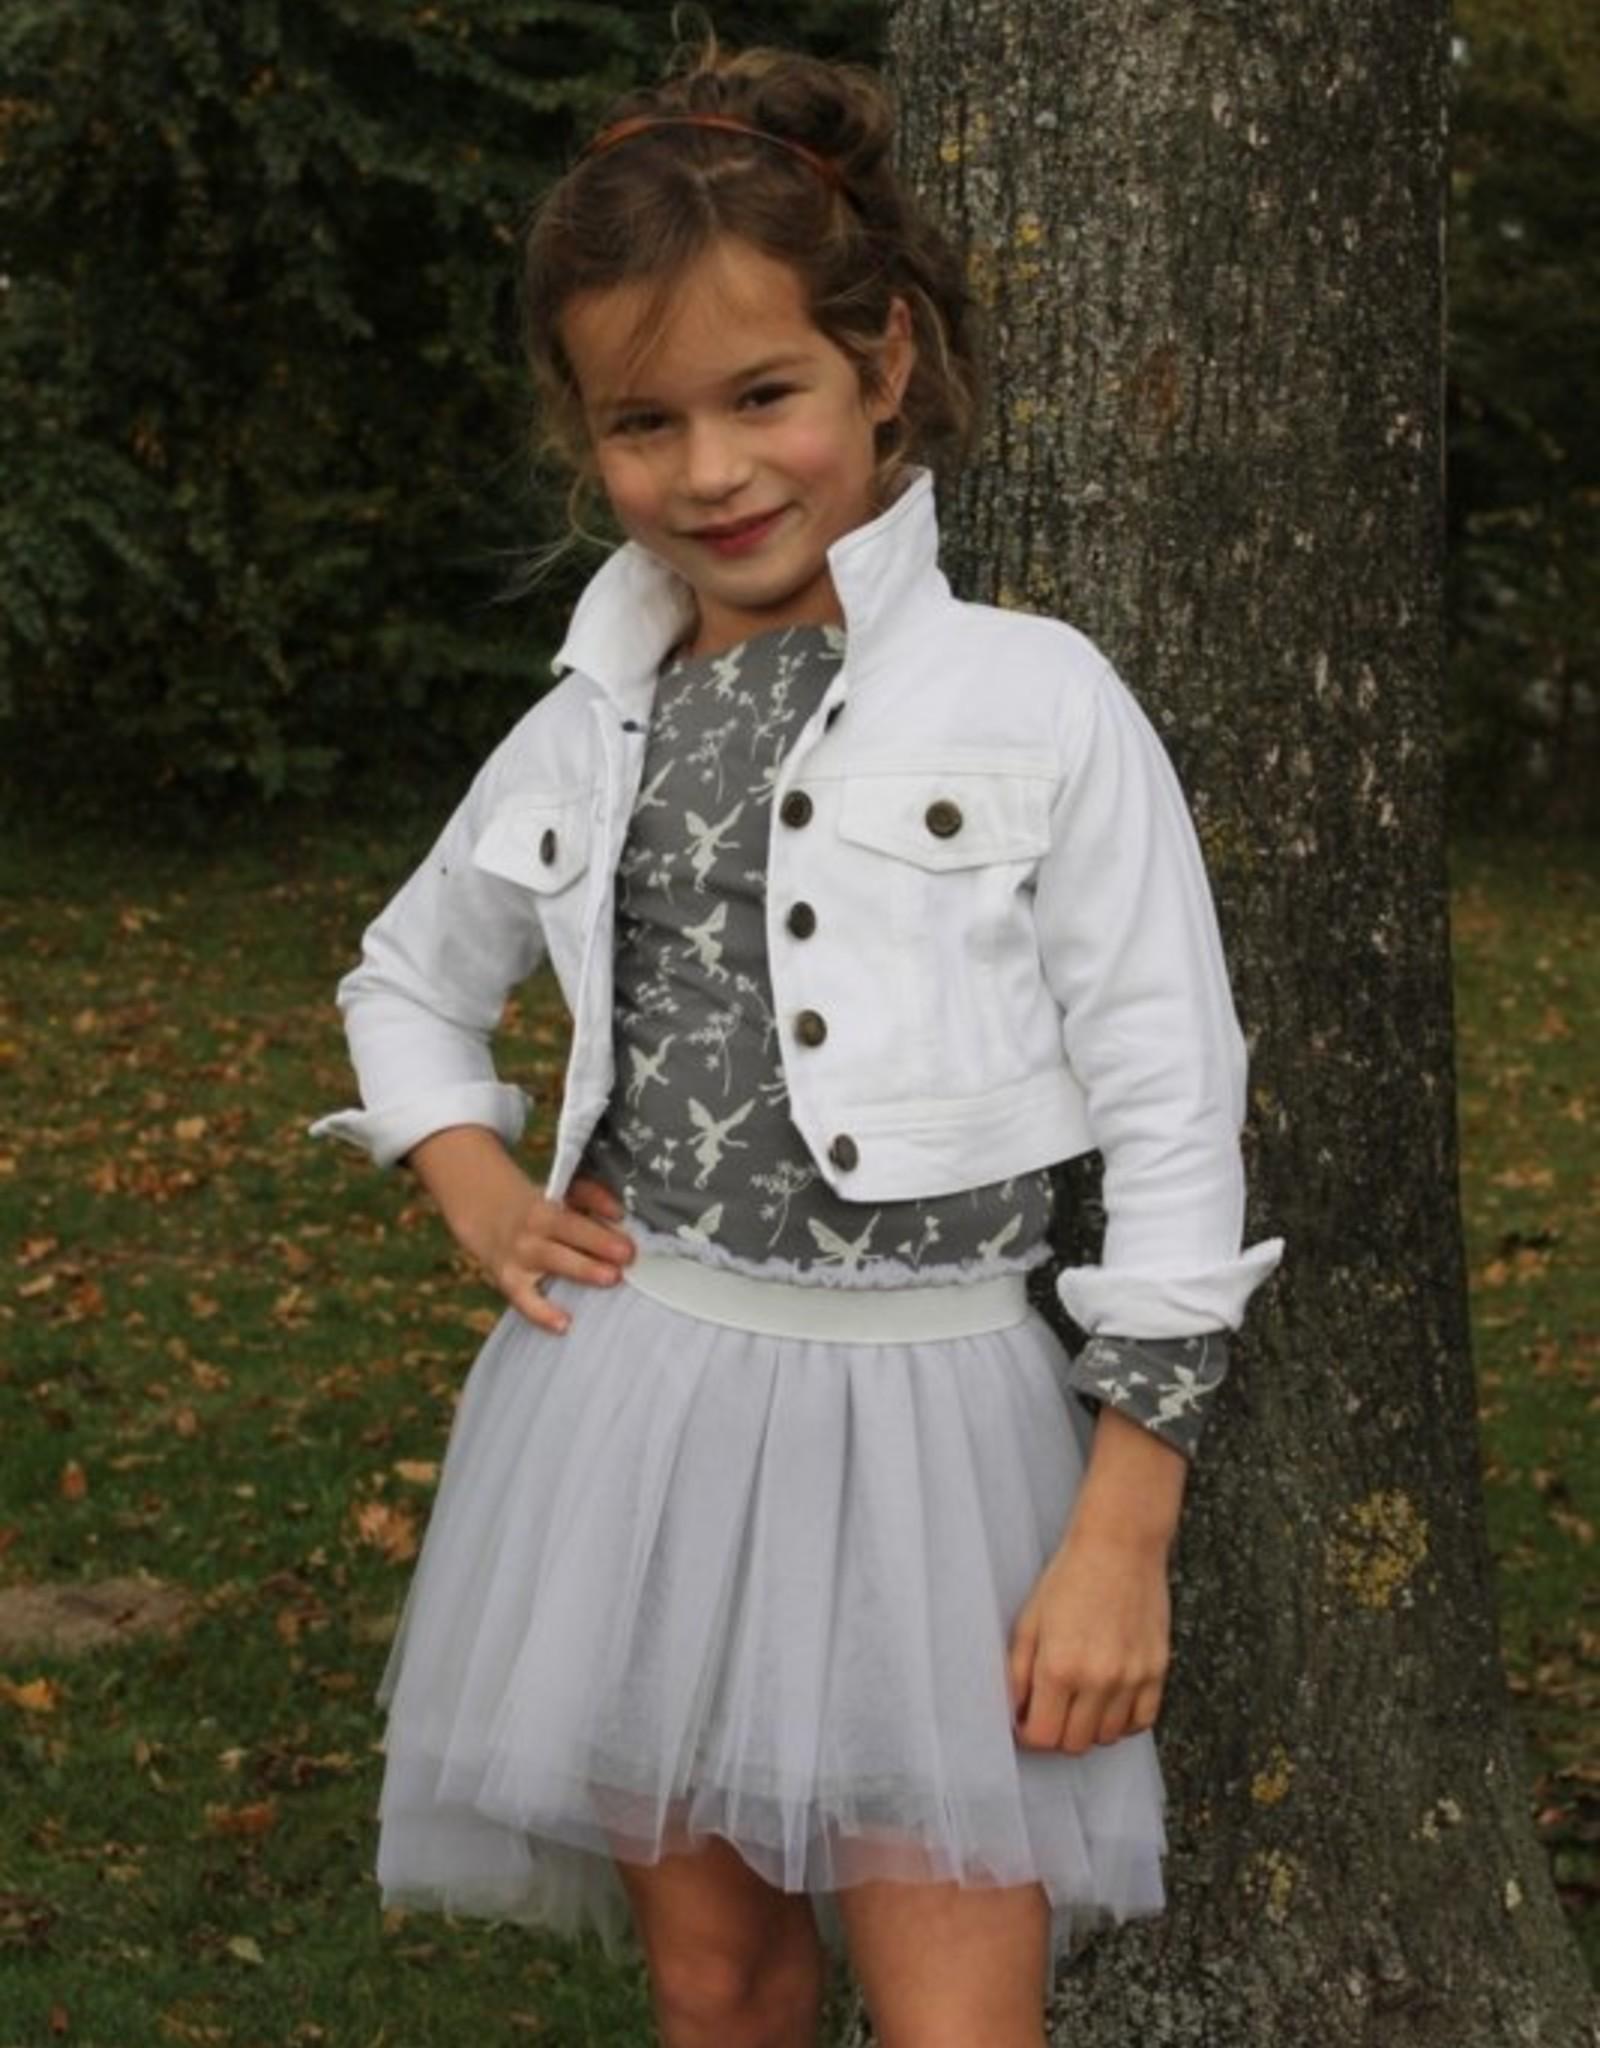 Abacadabra jack, jurk en rok 182 - Abacadabra